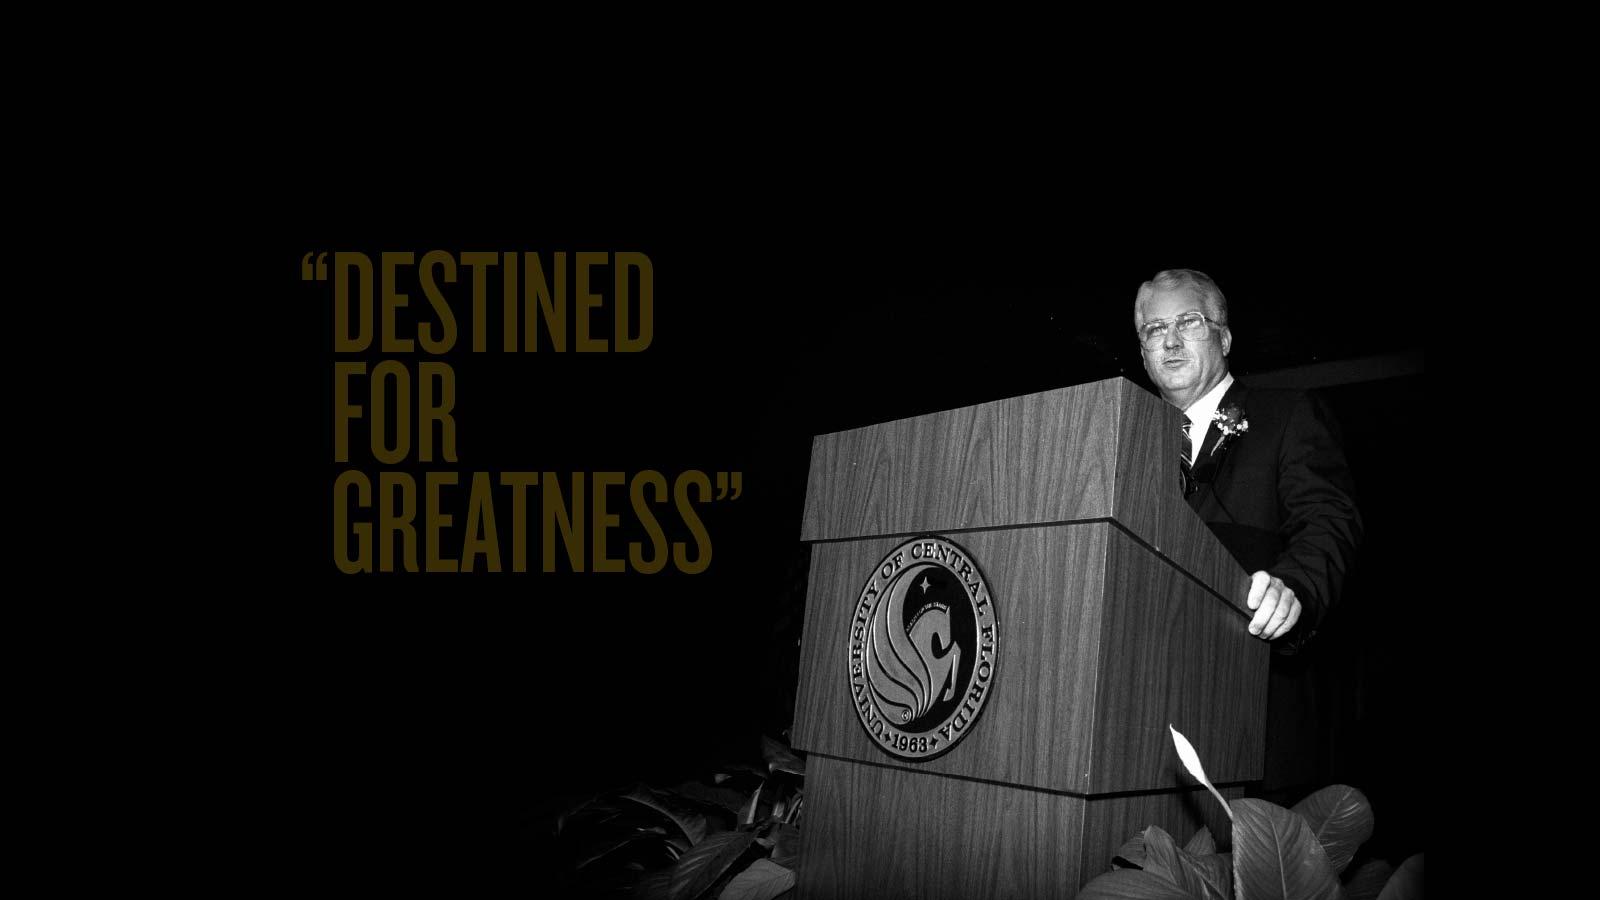 President John C. Hitt's Inaugural Address